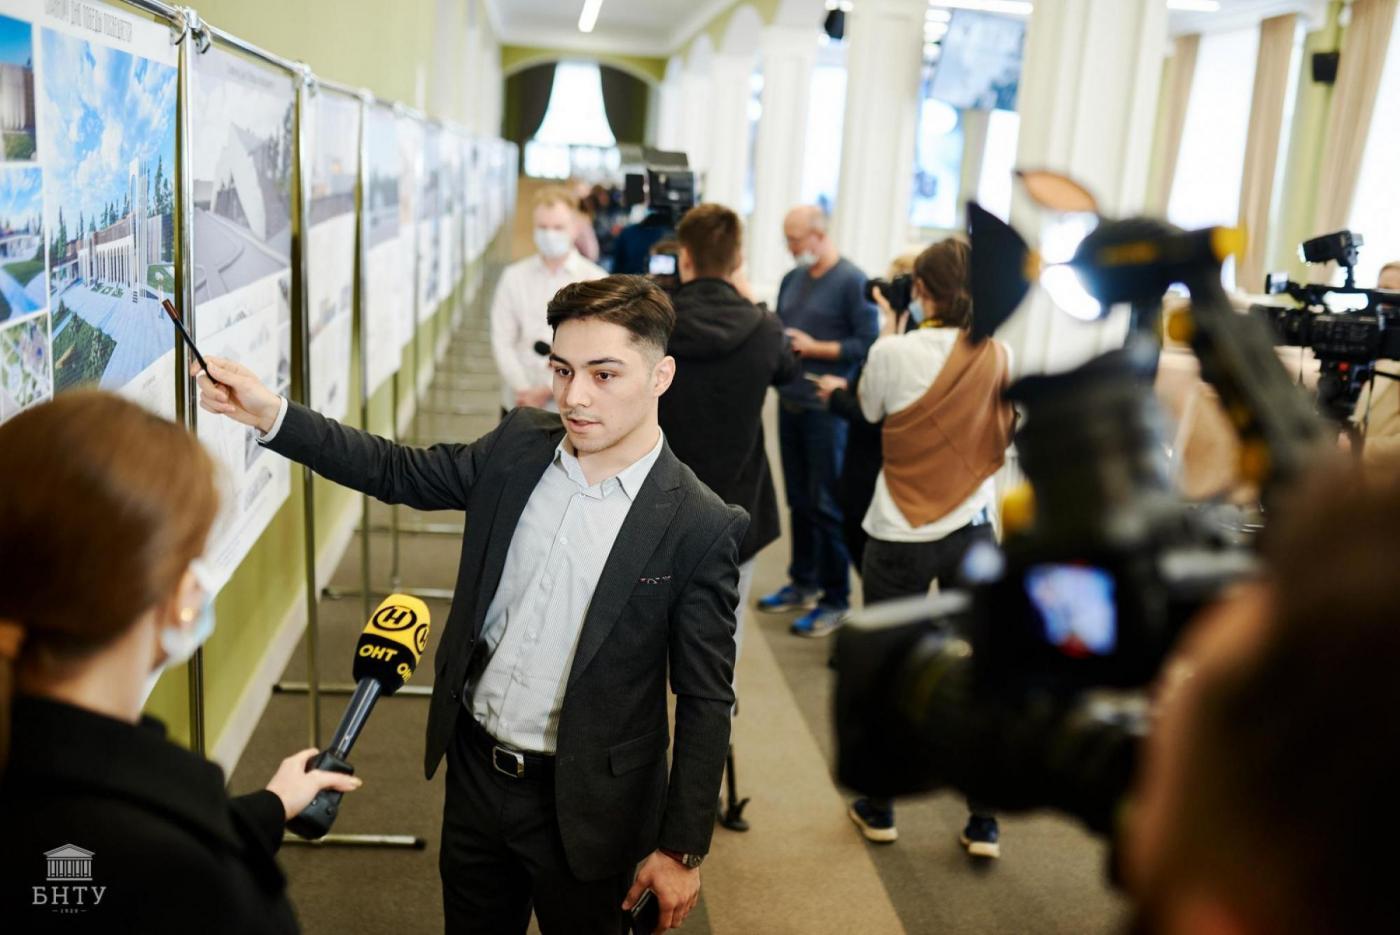 «Хатынь глазами студентов»: в БНТУ прошла презентация проектов по реконструкции музейного комплекса